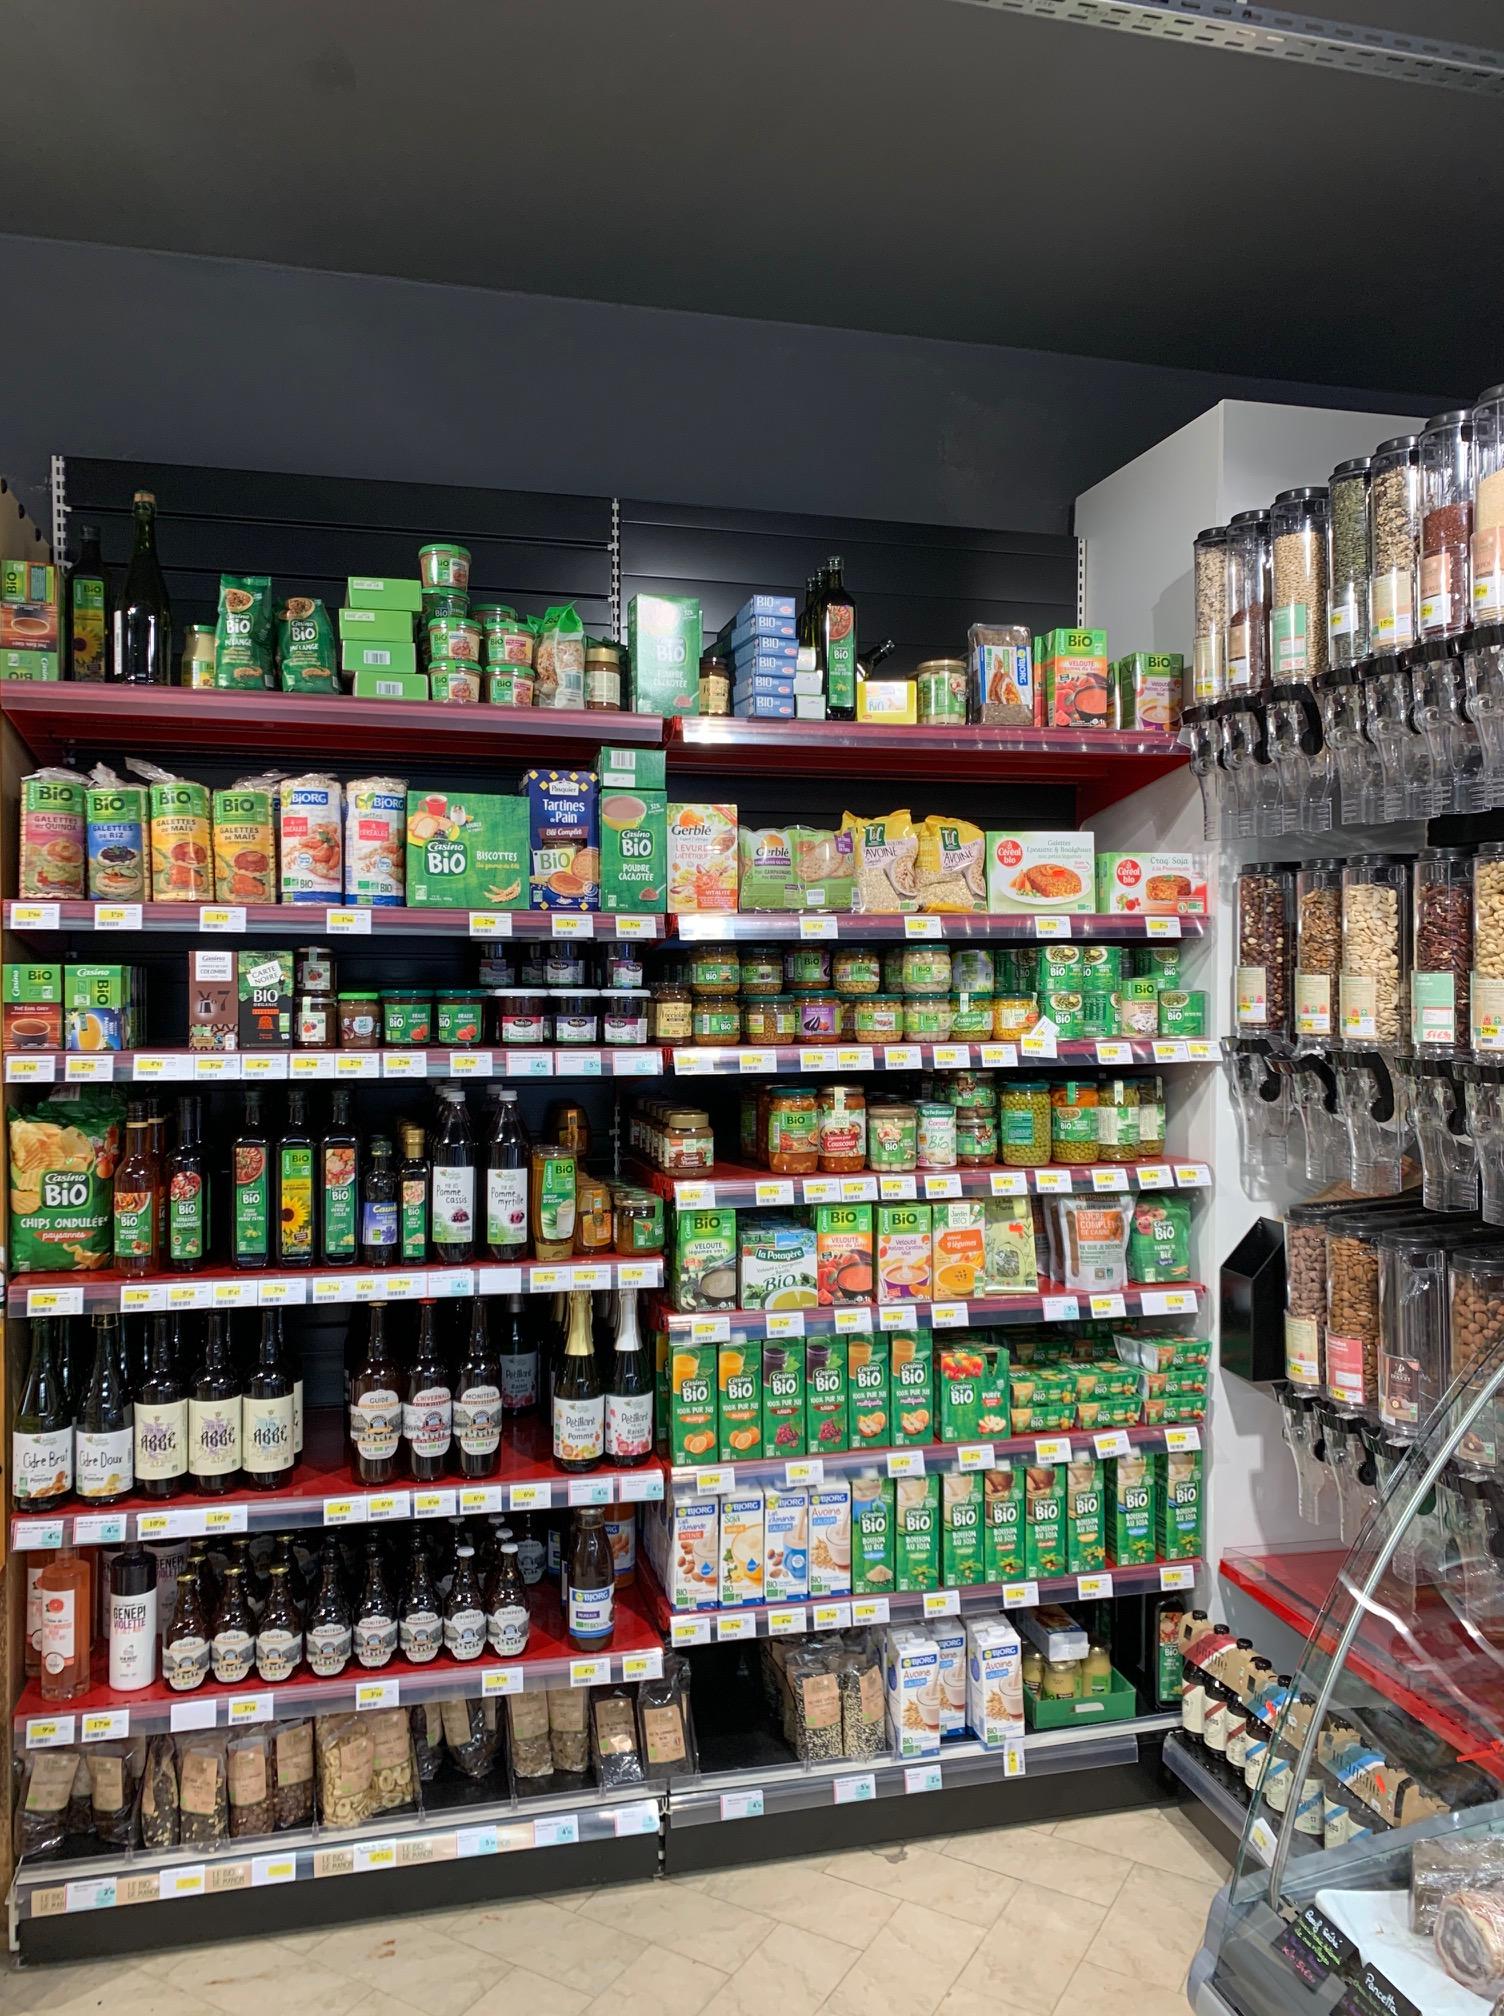 rayon bio, sans gluten, minceur spar valcenis lanslevillard